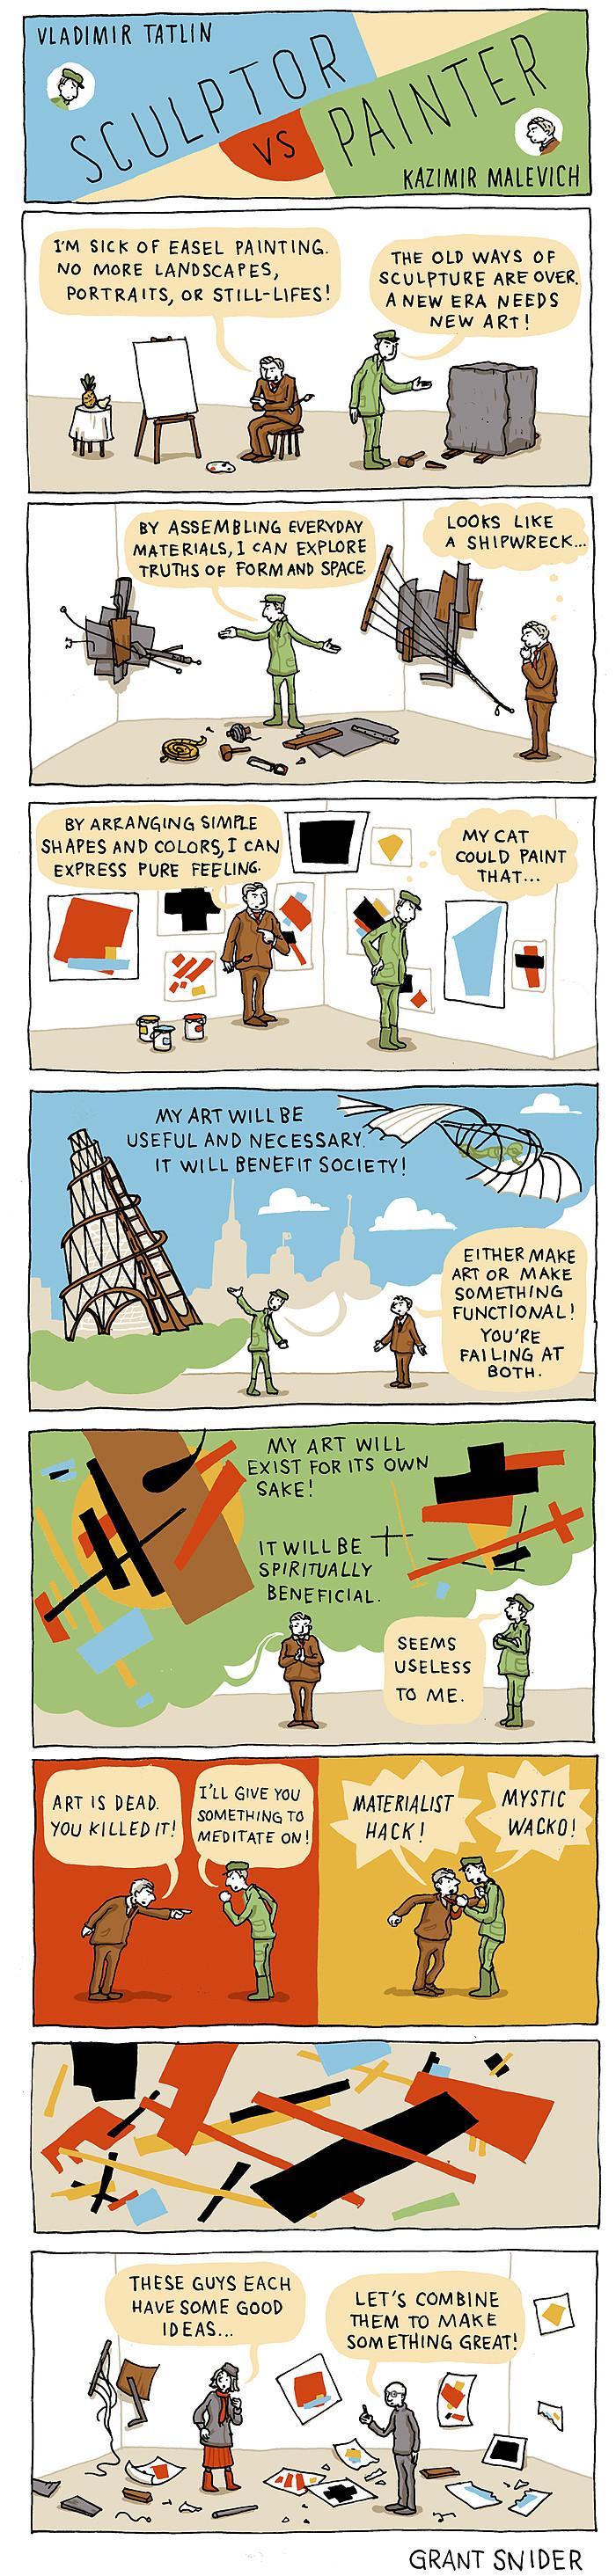 Sculptor vs. Painter